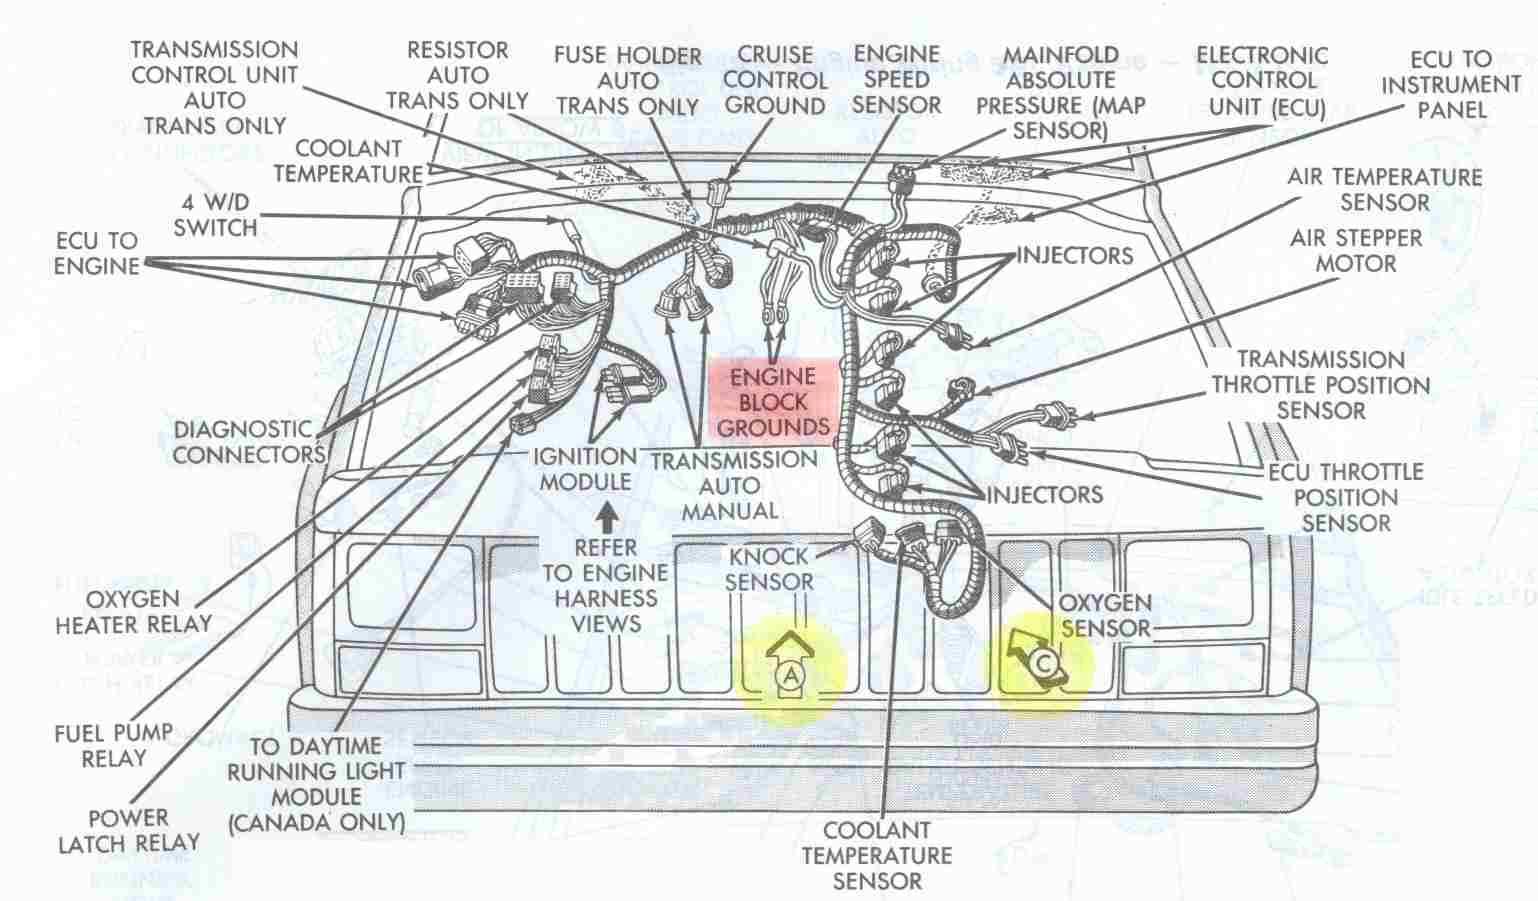 Fuel Pump Wiring Diagram On Wiring Diagram For 1983 Chevy Silverado